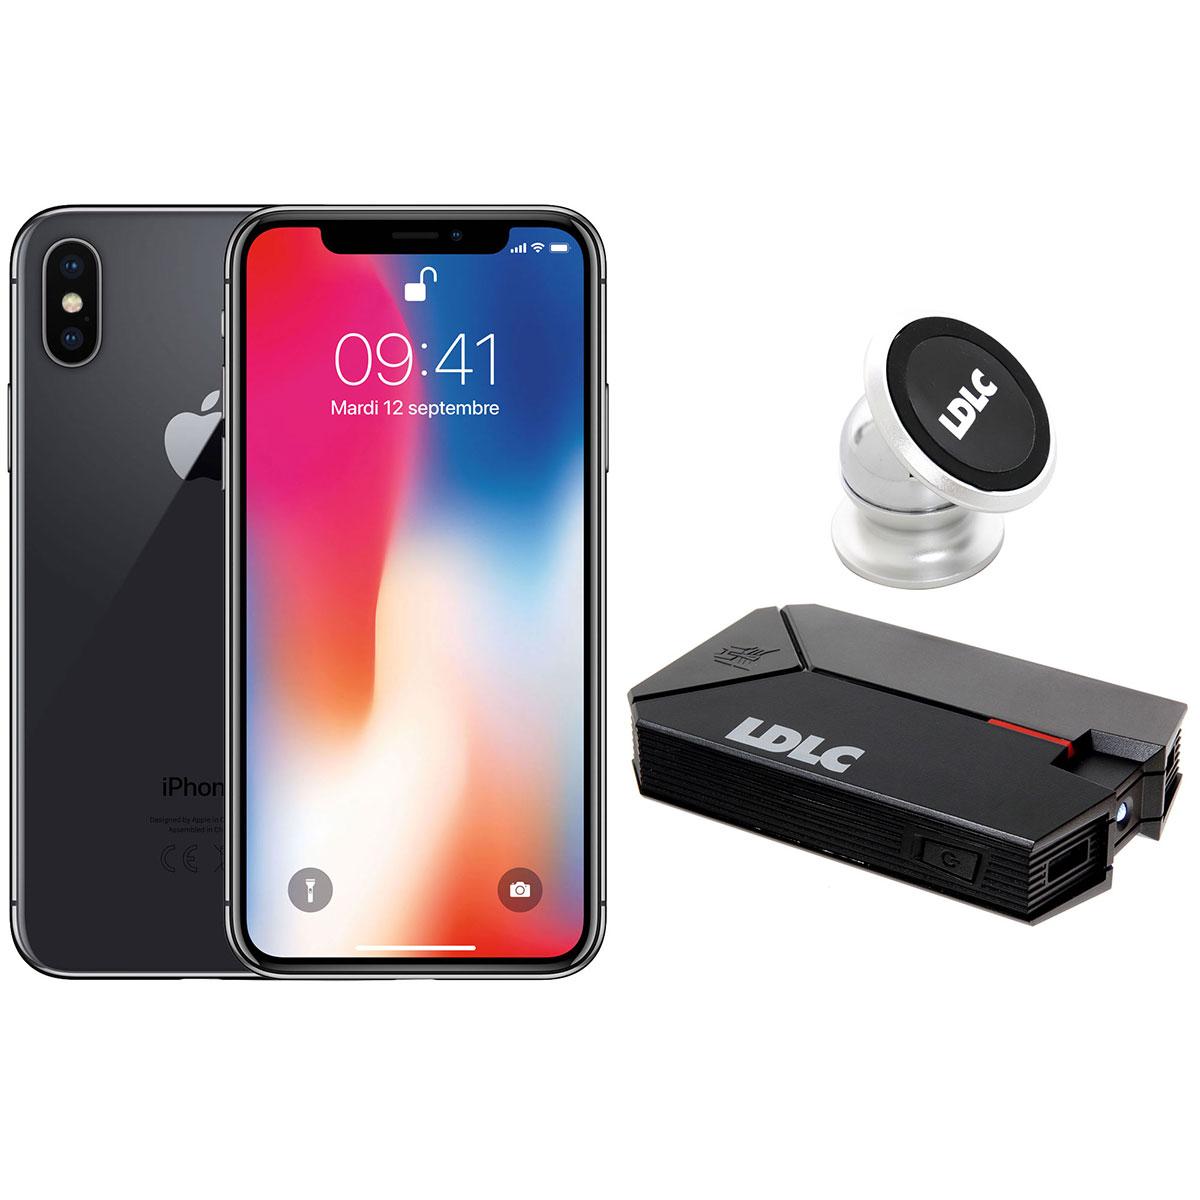 """Mobile & smartphone Apple iPhone X 256 Go Gris Sidéral + LDLC Power Bank QS10K + Auto S1 Smartphone 4G-LTE Advanced avec écran Super Retina 5.8"""" sous iOS 11 + Batterie externe 10000 mAh + Support aimanté pour voiture"""